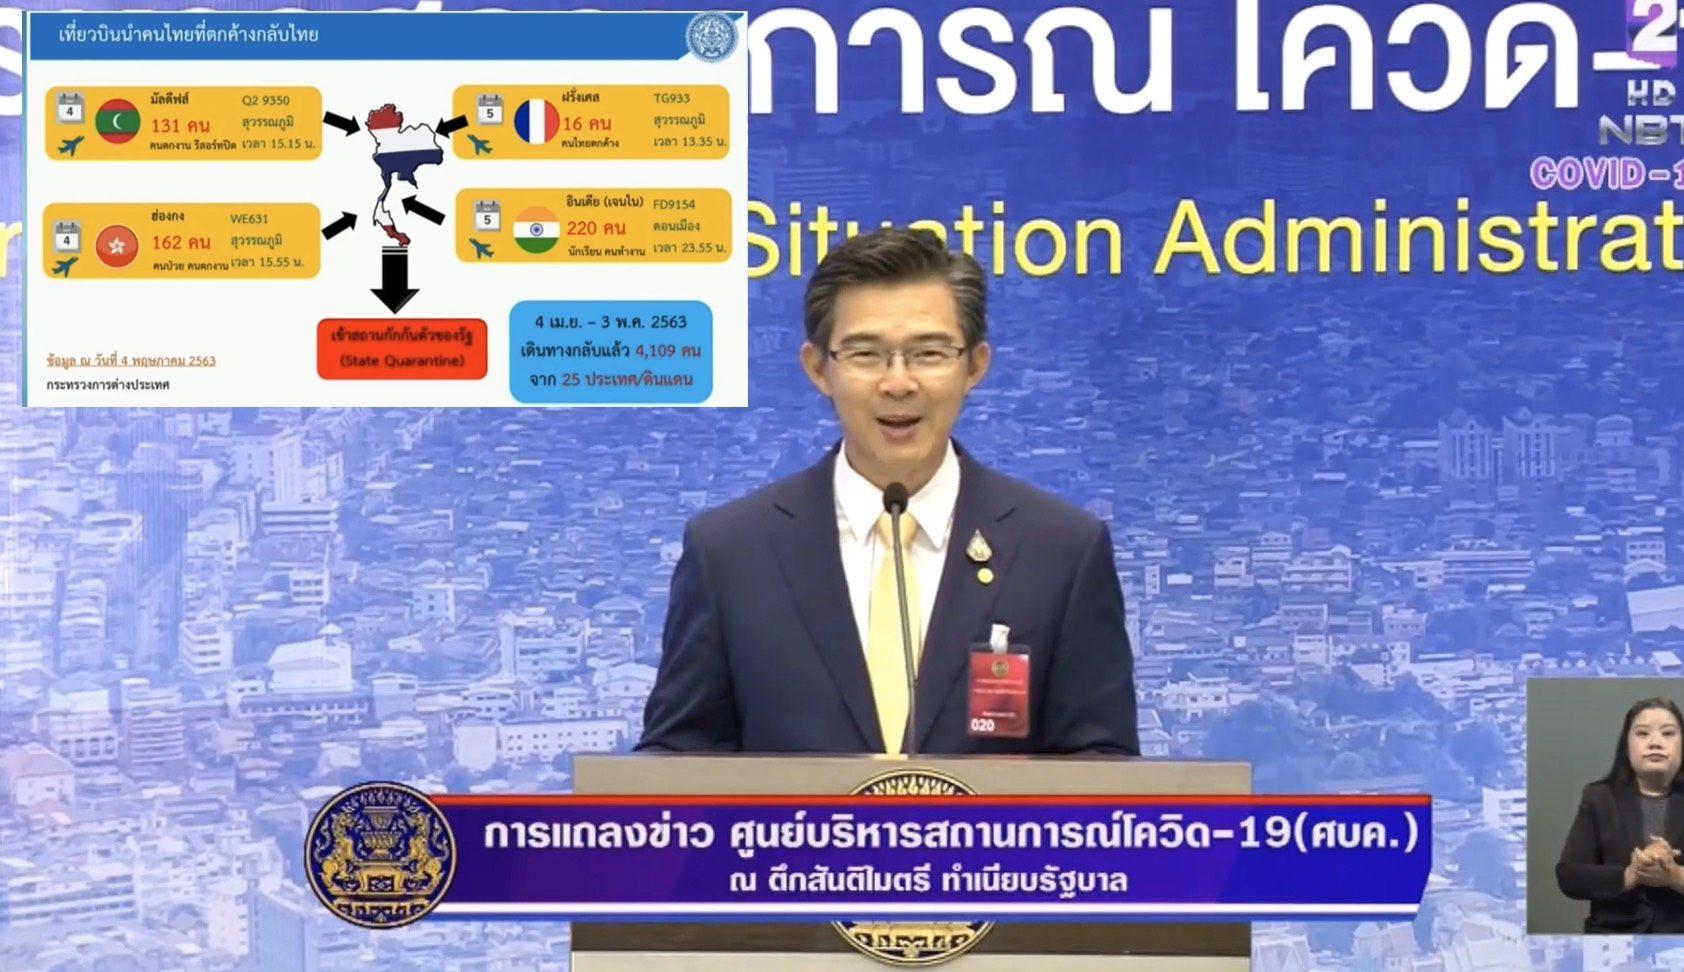 """ทั่วโลกยังหวั่น """"โควิด-19"""" ศบค.เผย """"คนไทยต่างแดน"""" ยังแห่กลับประเทศไม่ขาดสาย"""